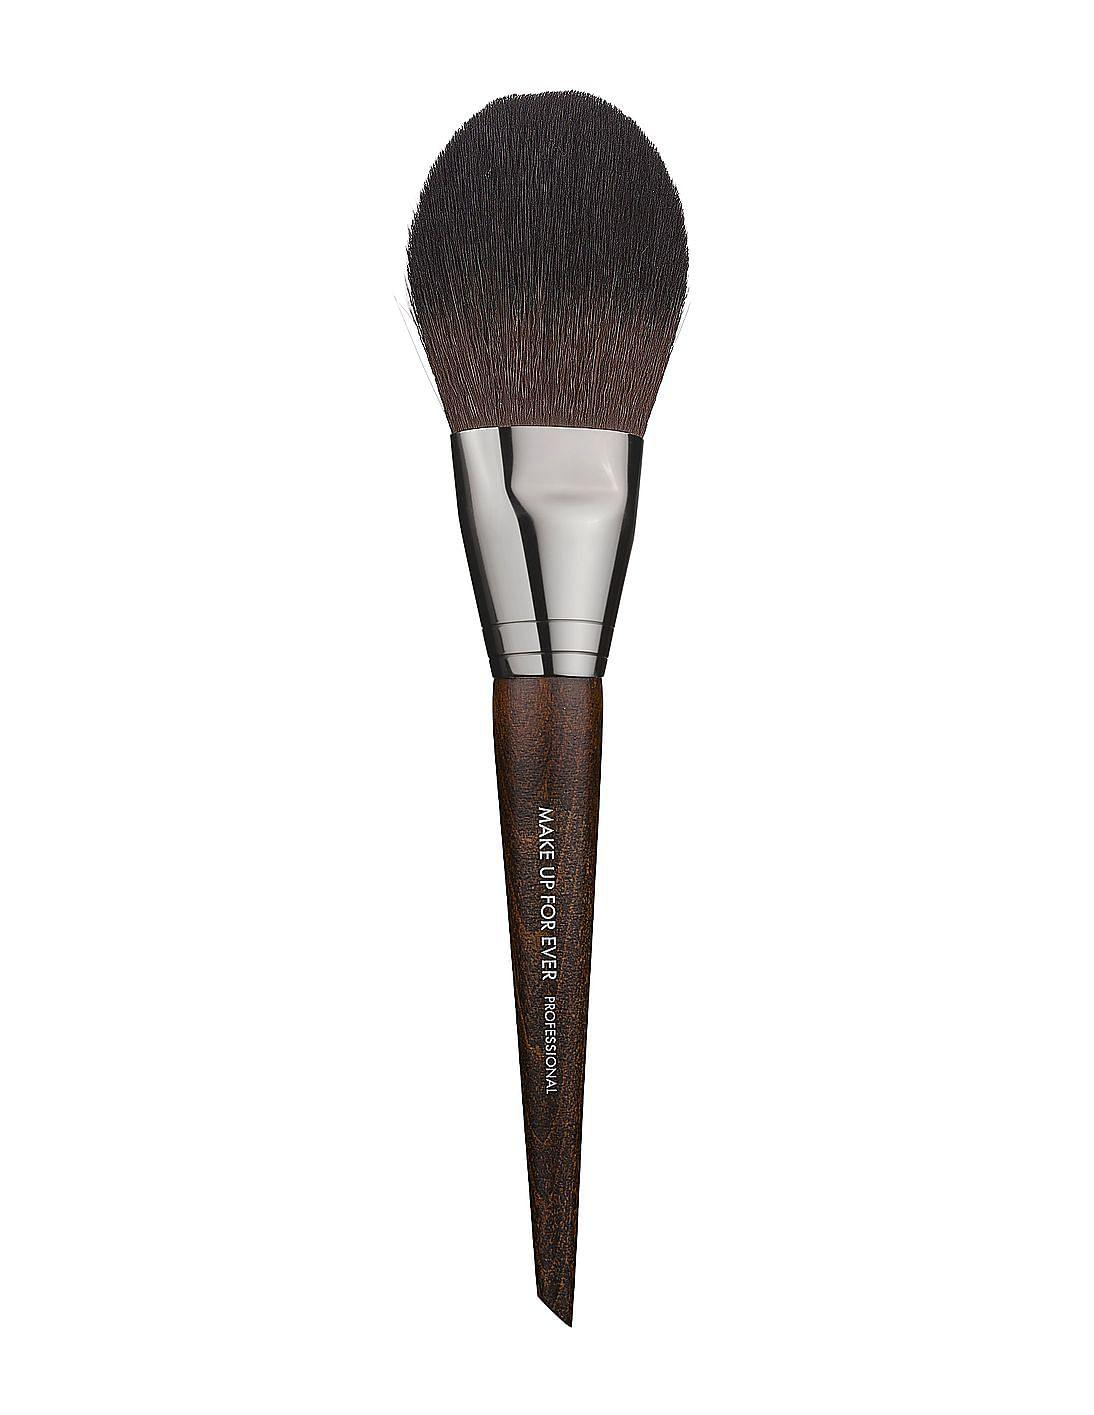 Buy MAKE UP FOR EVER 128 Precision Powder Brush - NNNOW.com